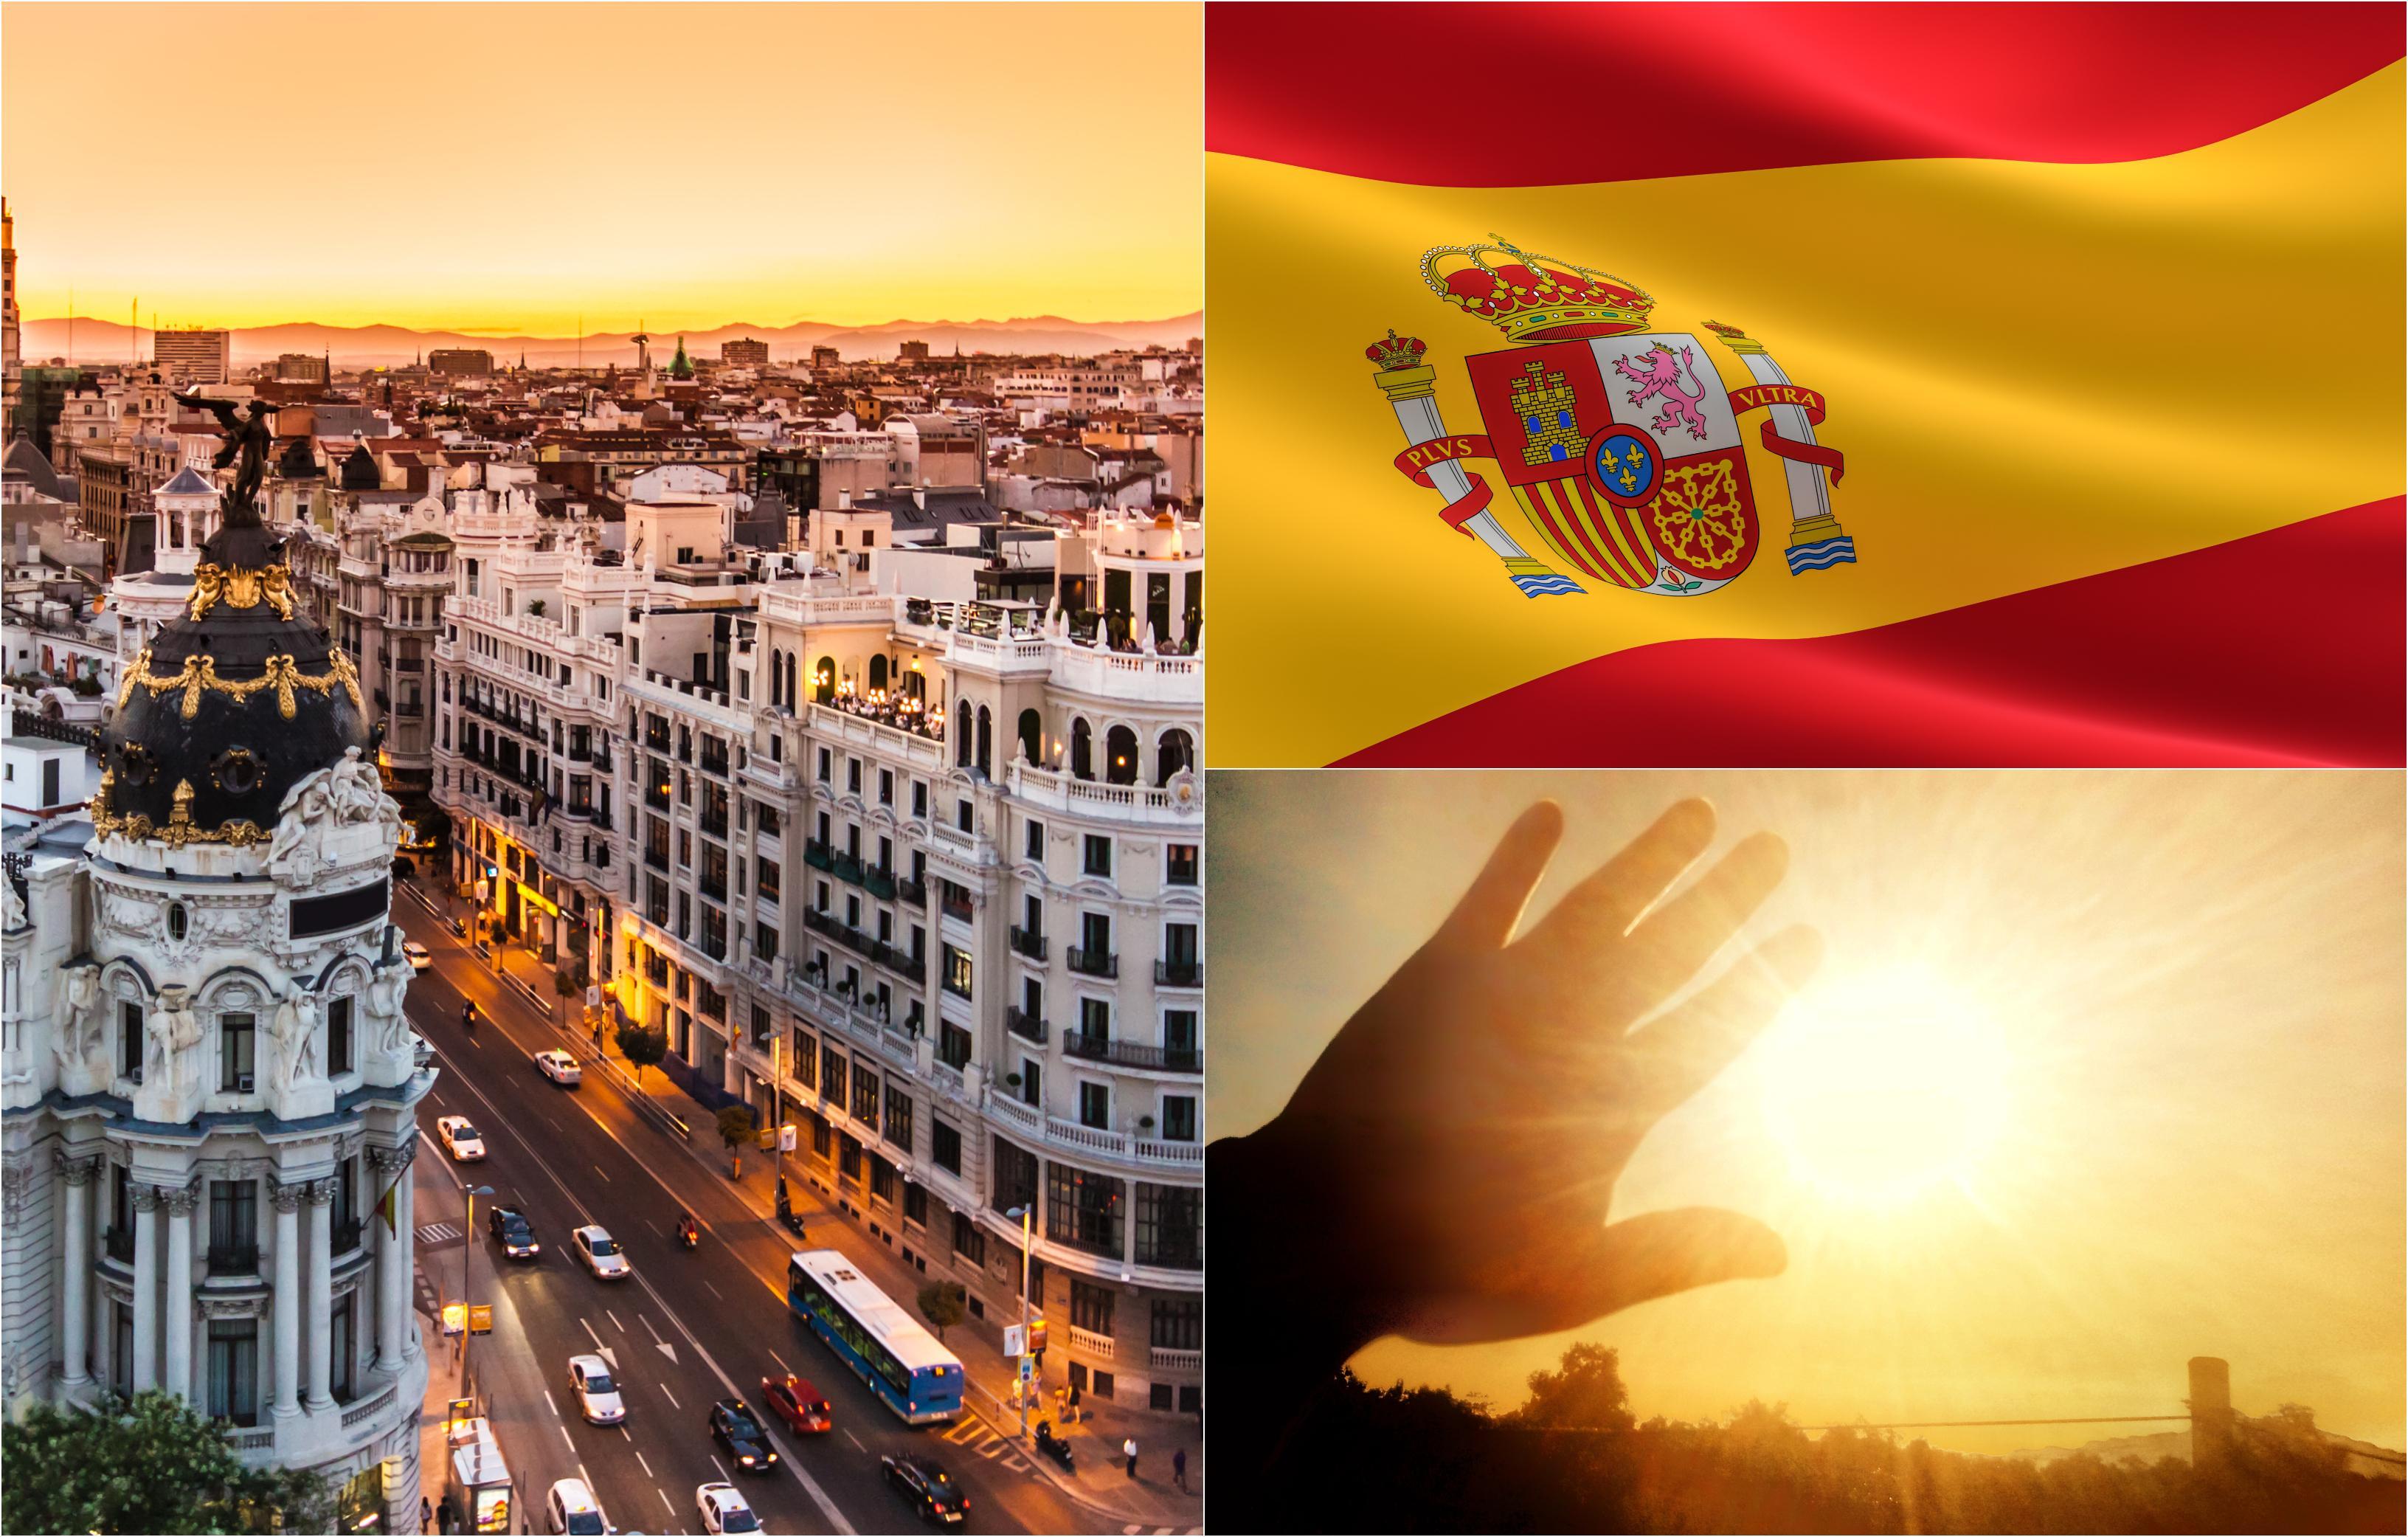 Alertă pentru Spania! MAE a emis atenționare de călătorie. S-a emis Cod Roșu de caniculă și furtuni severe. Zonele afectate